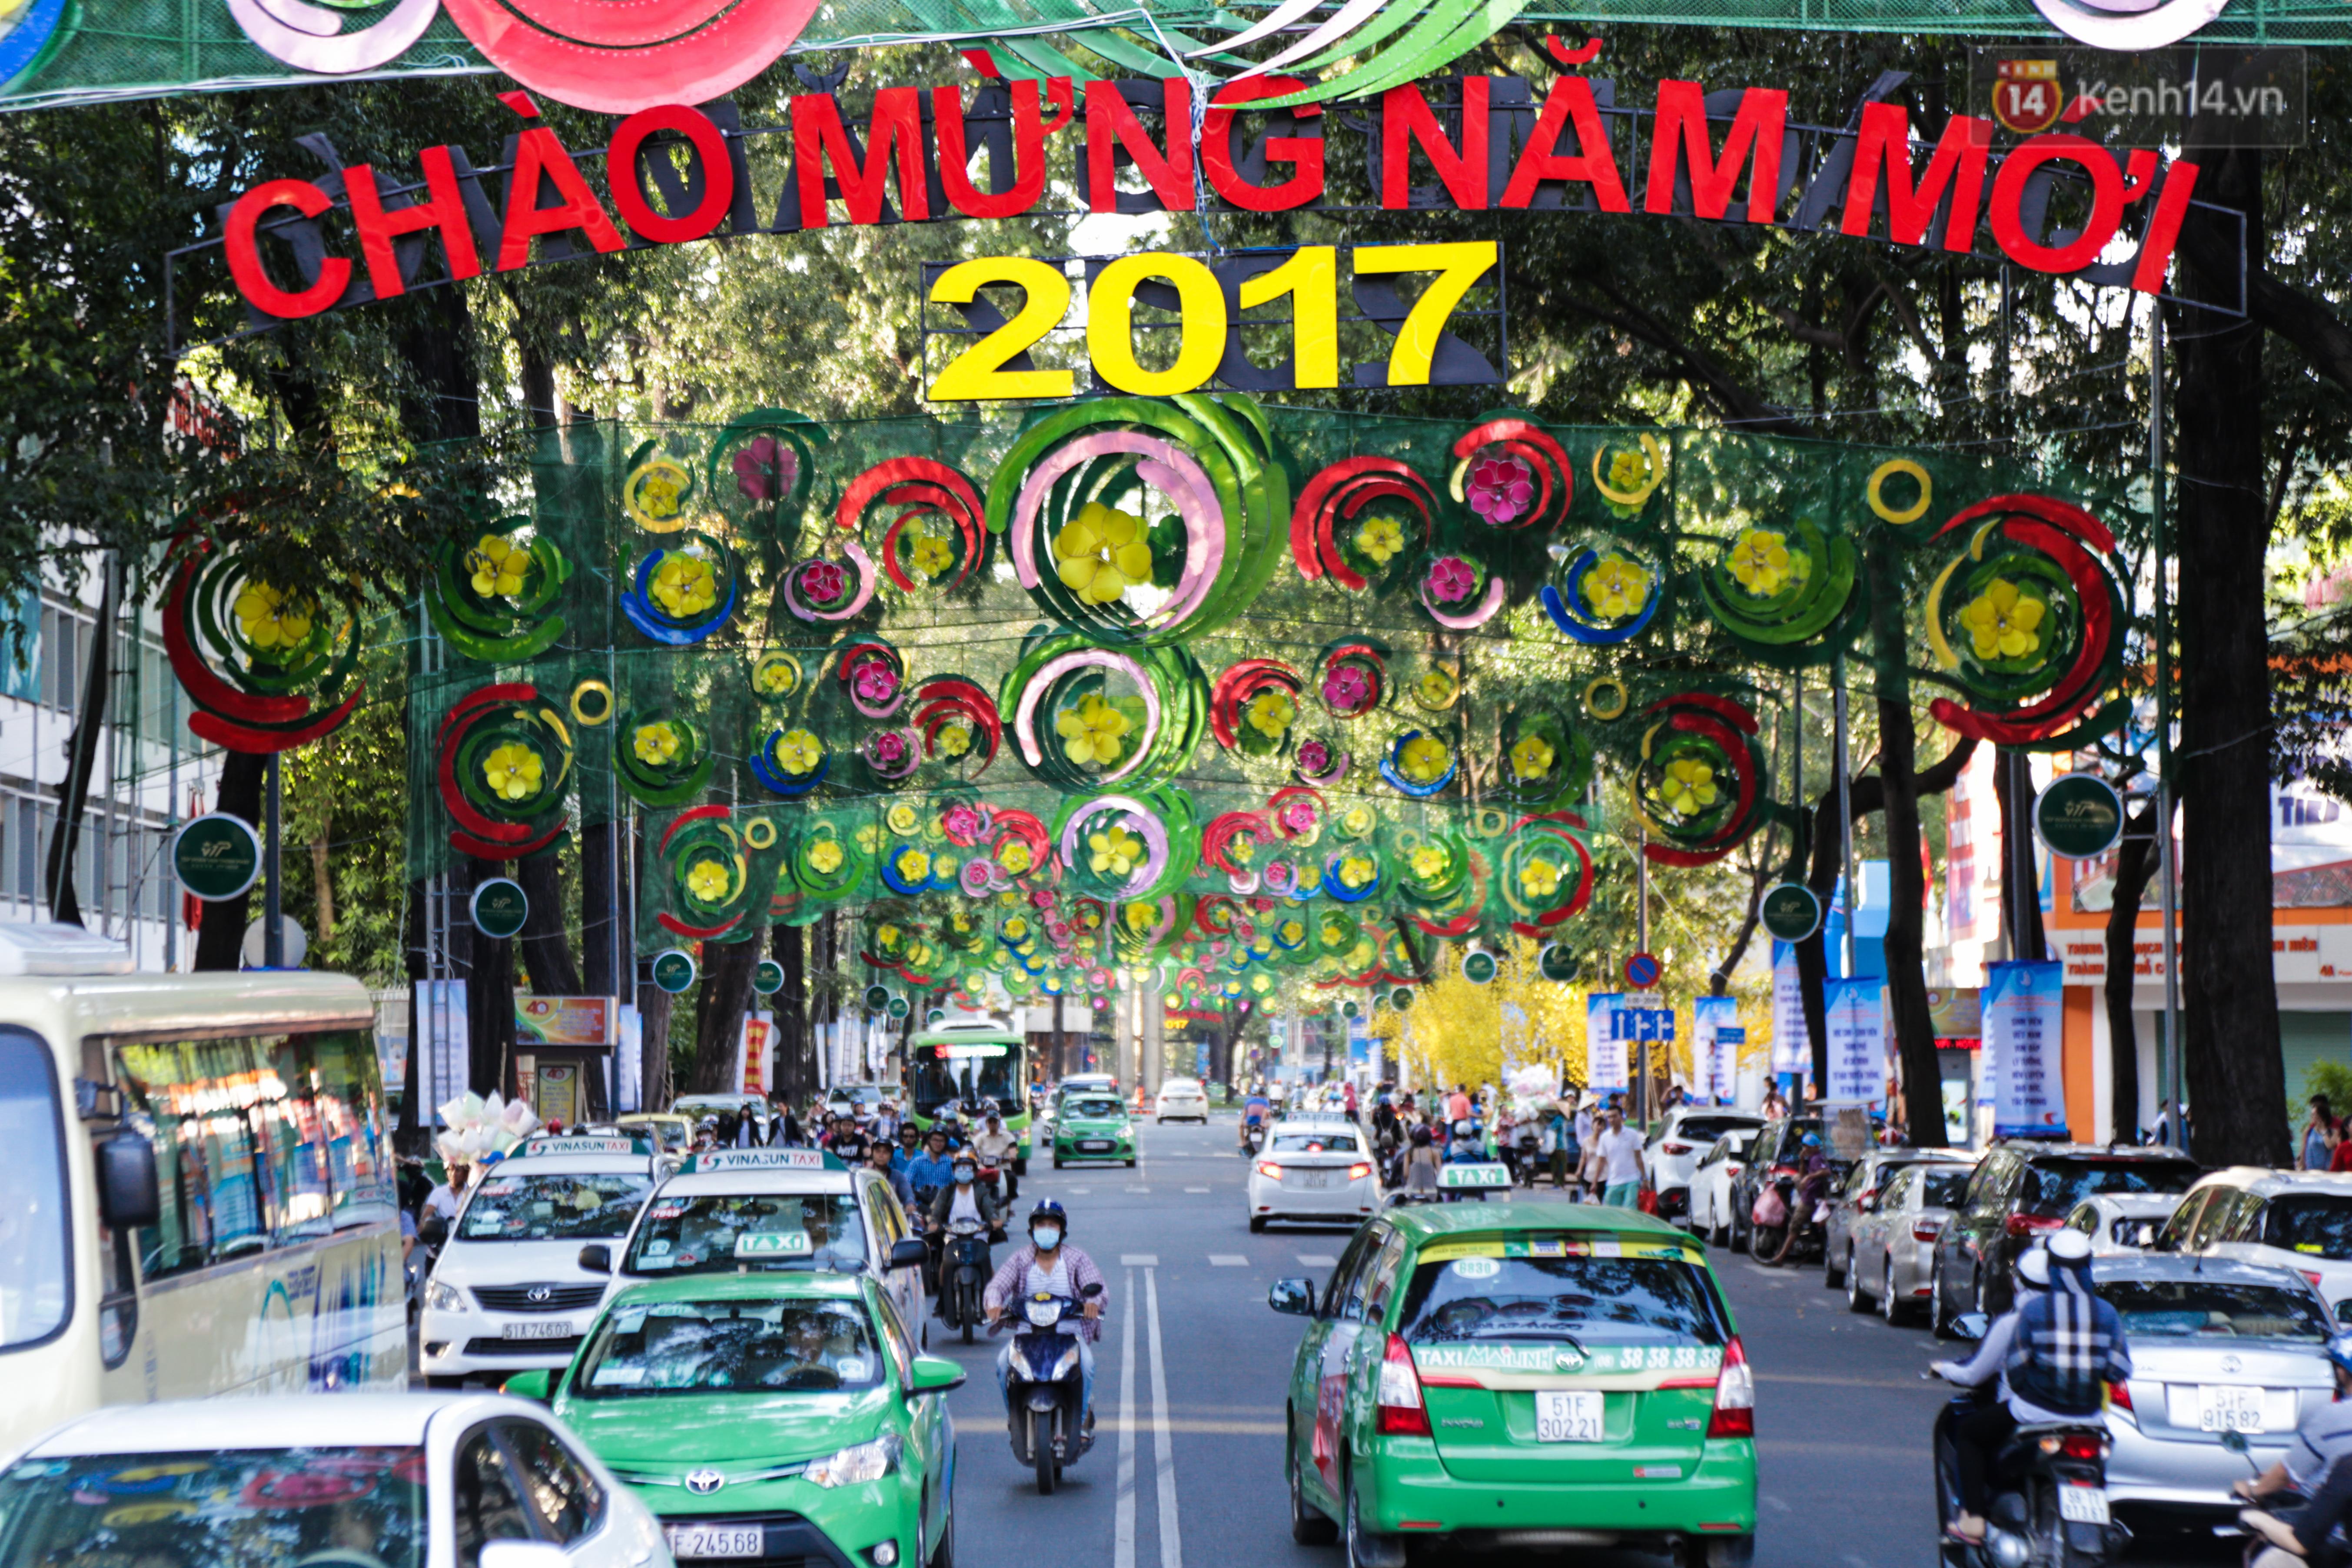 Đèn trang trí Tết trên đường Phạm Ngọc Thạch được chỉnh sửa sau khi người dân chê xấu - Ảnh 2.